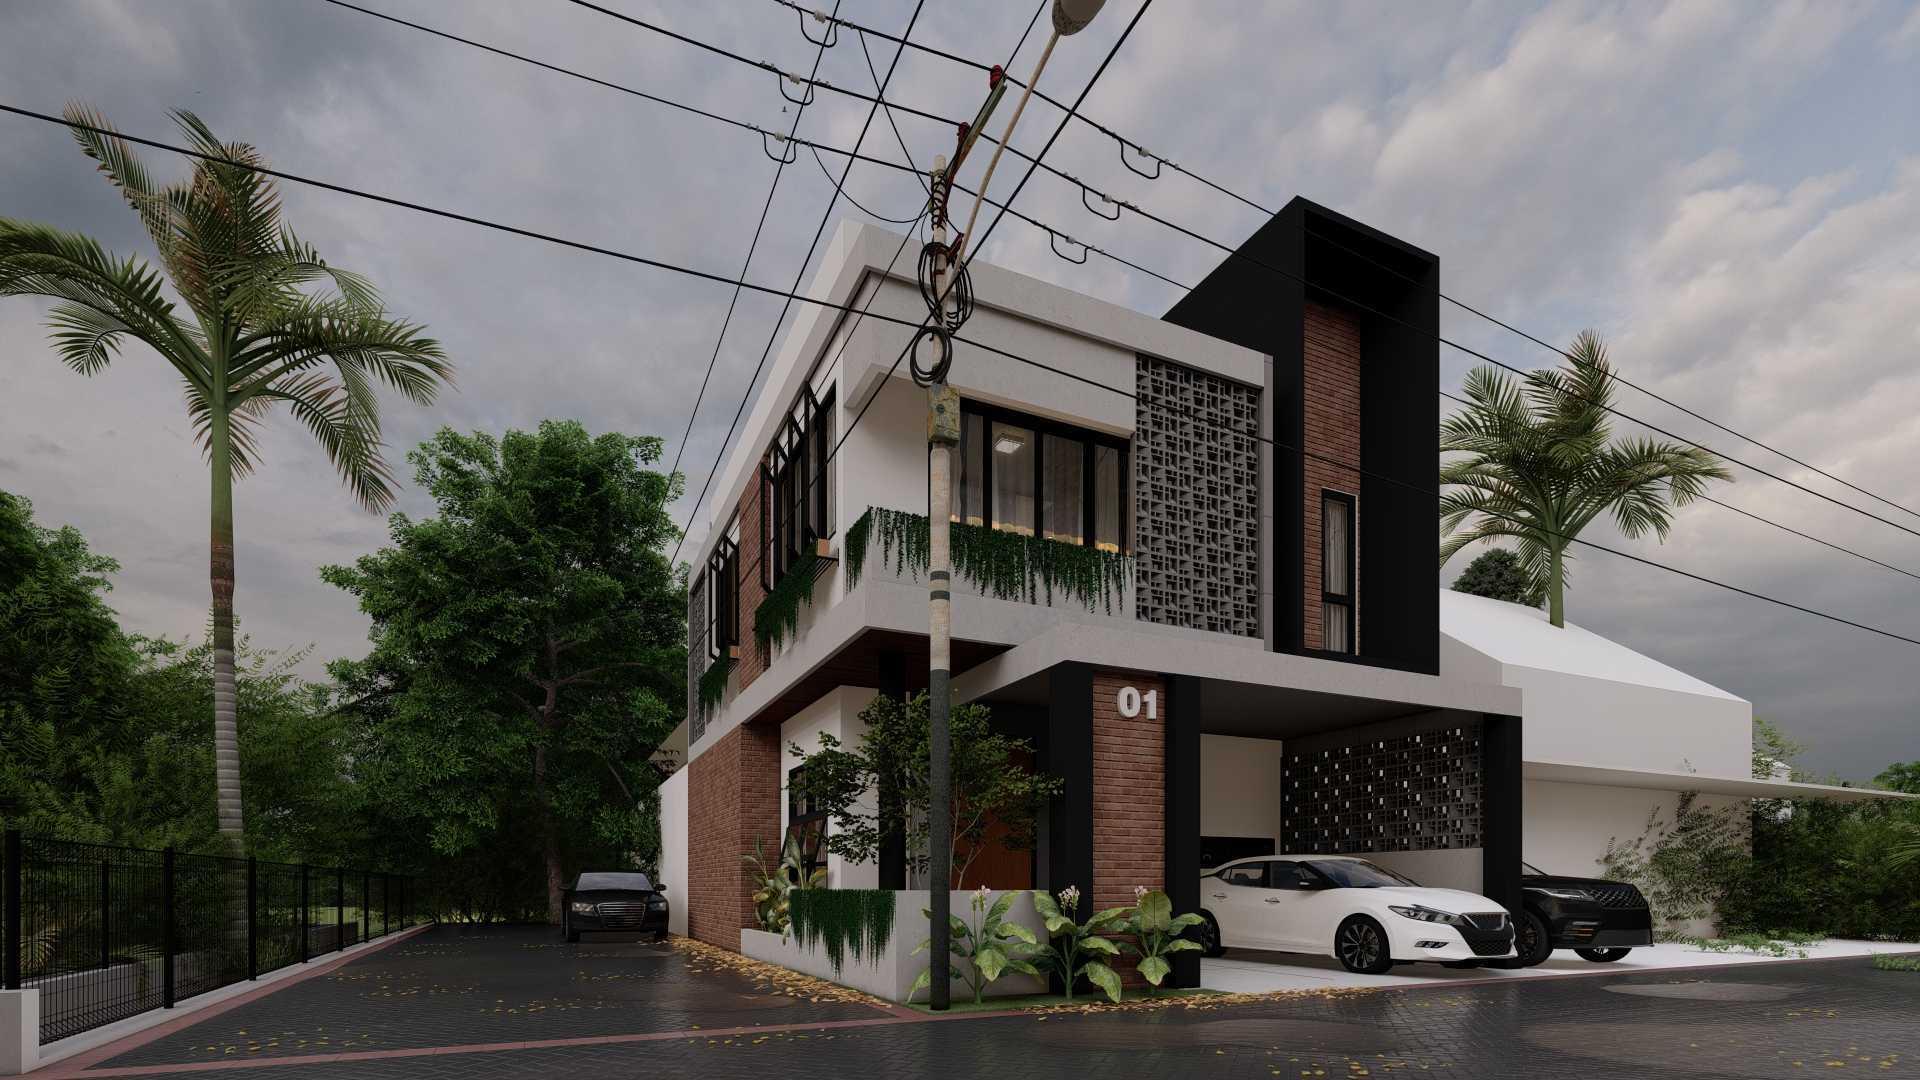 Jasa Design and Build Flav Arsitek di Semarang